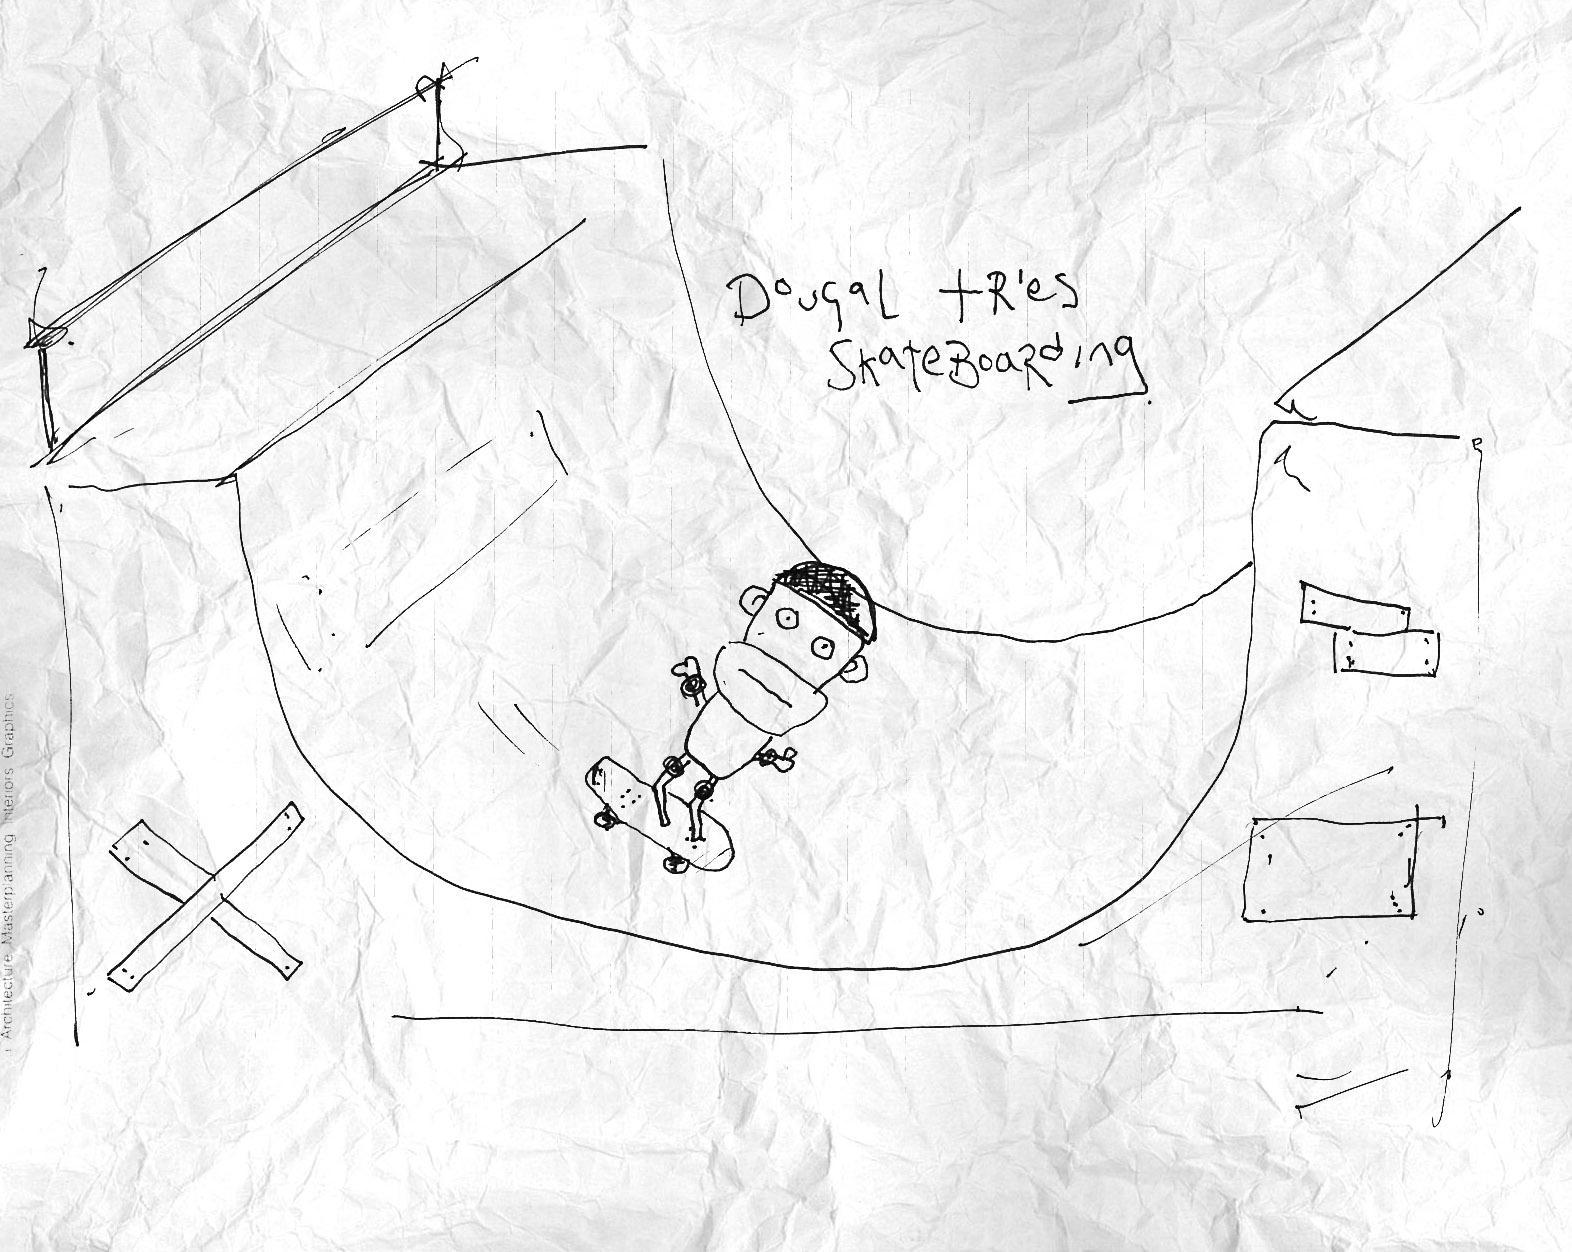 [DDT+-++skate+boarding+copy.jpg]